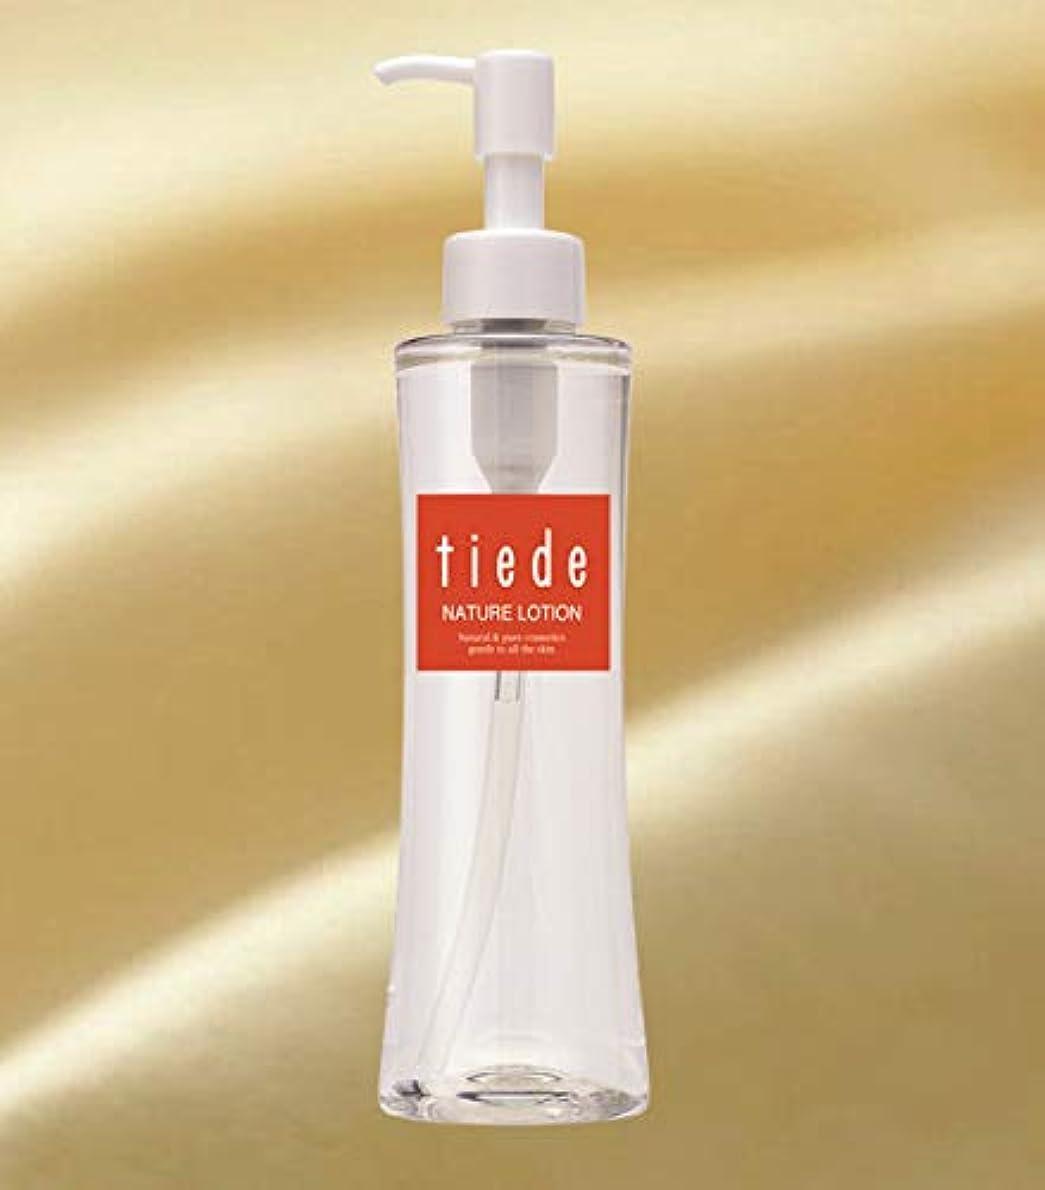 ペフいじめっ子寝室を掃除するティエード ナテュール ローション(200ml) Tiede Natural Lotion